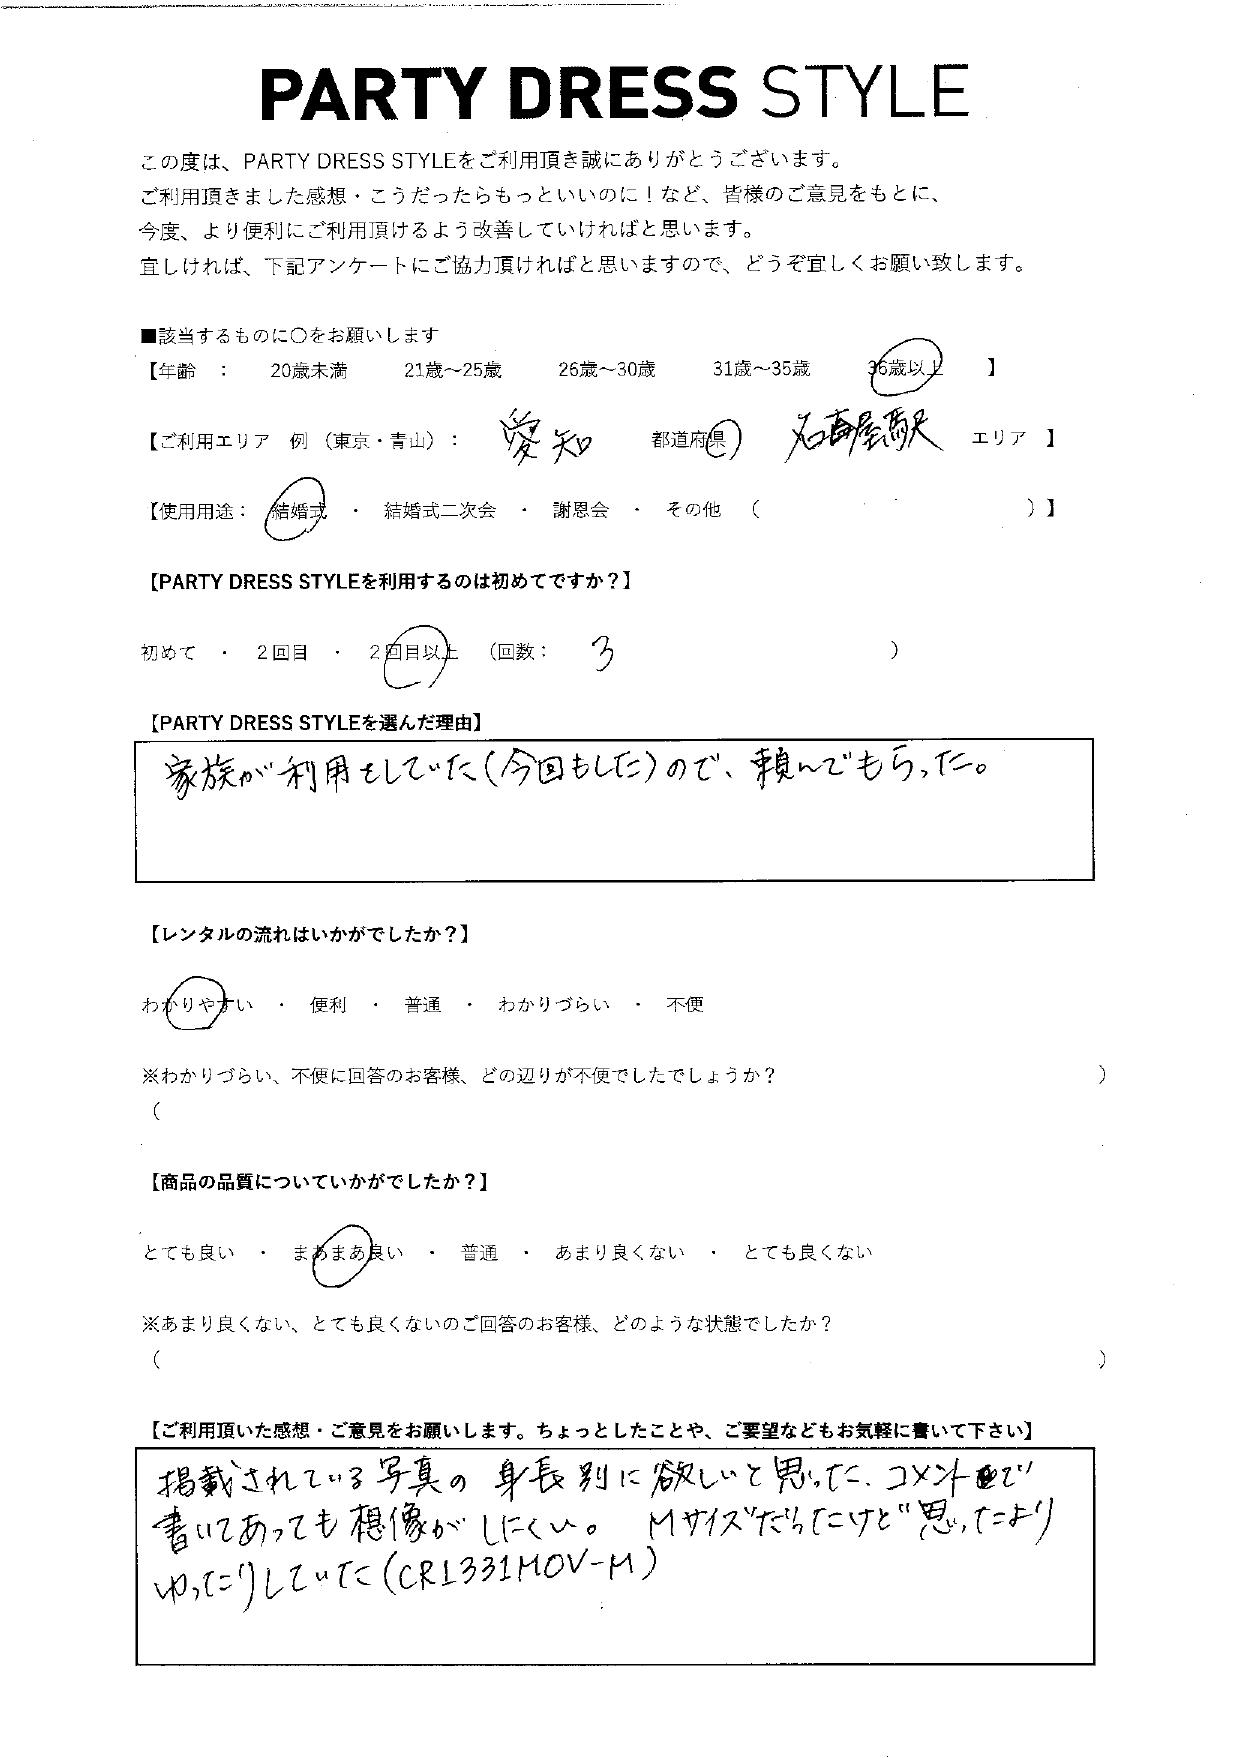 7/10結婚式ご利用 愛知・名古屋駅エリア